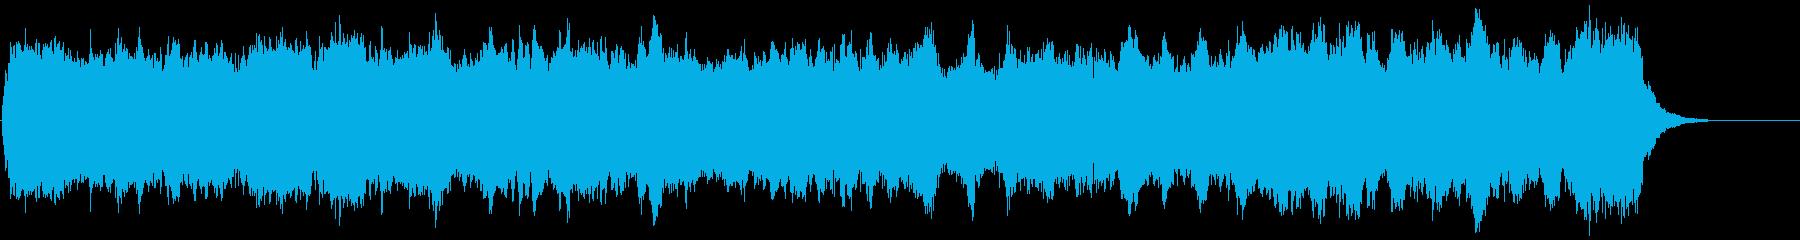 切ない旅立ちを思わせるパイプオルガン曲の再生済みの波形